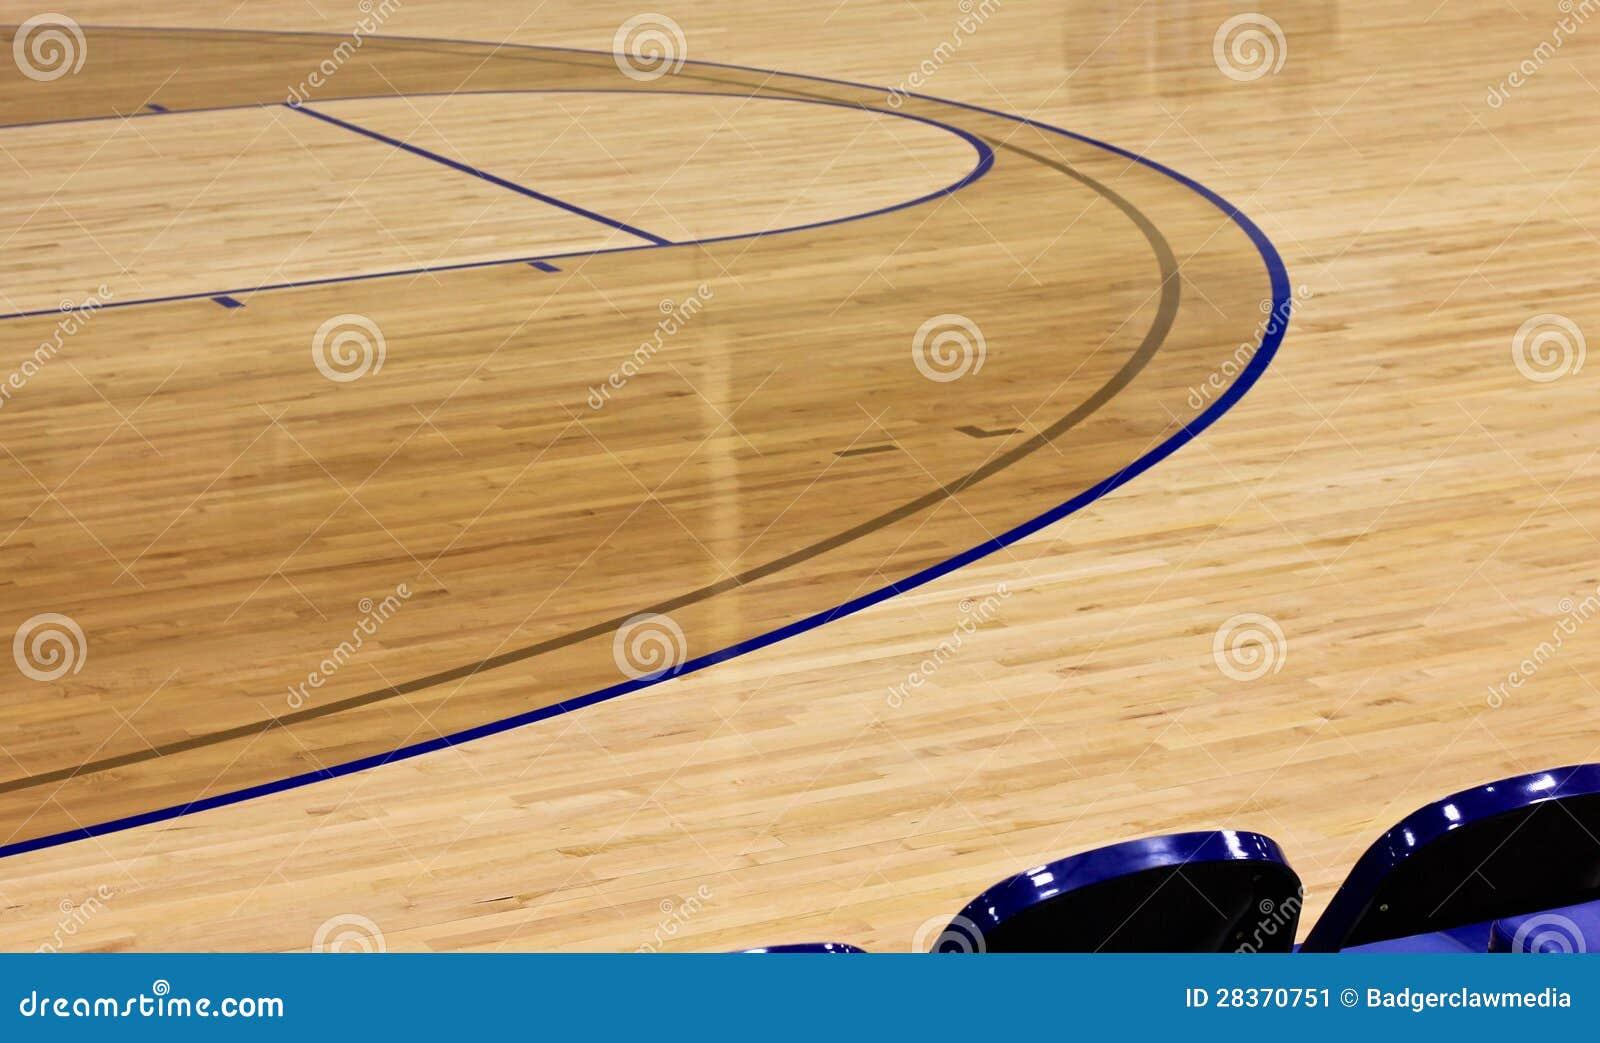 Polished Indoor Basketball Court Background Stock Image - Image ...